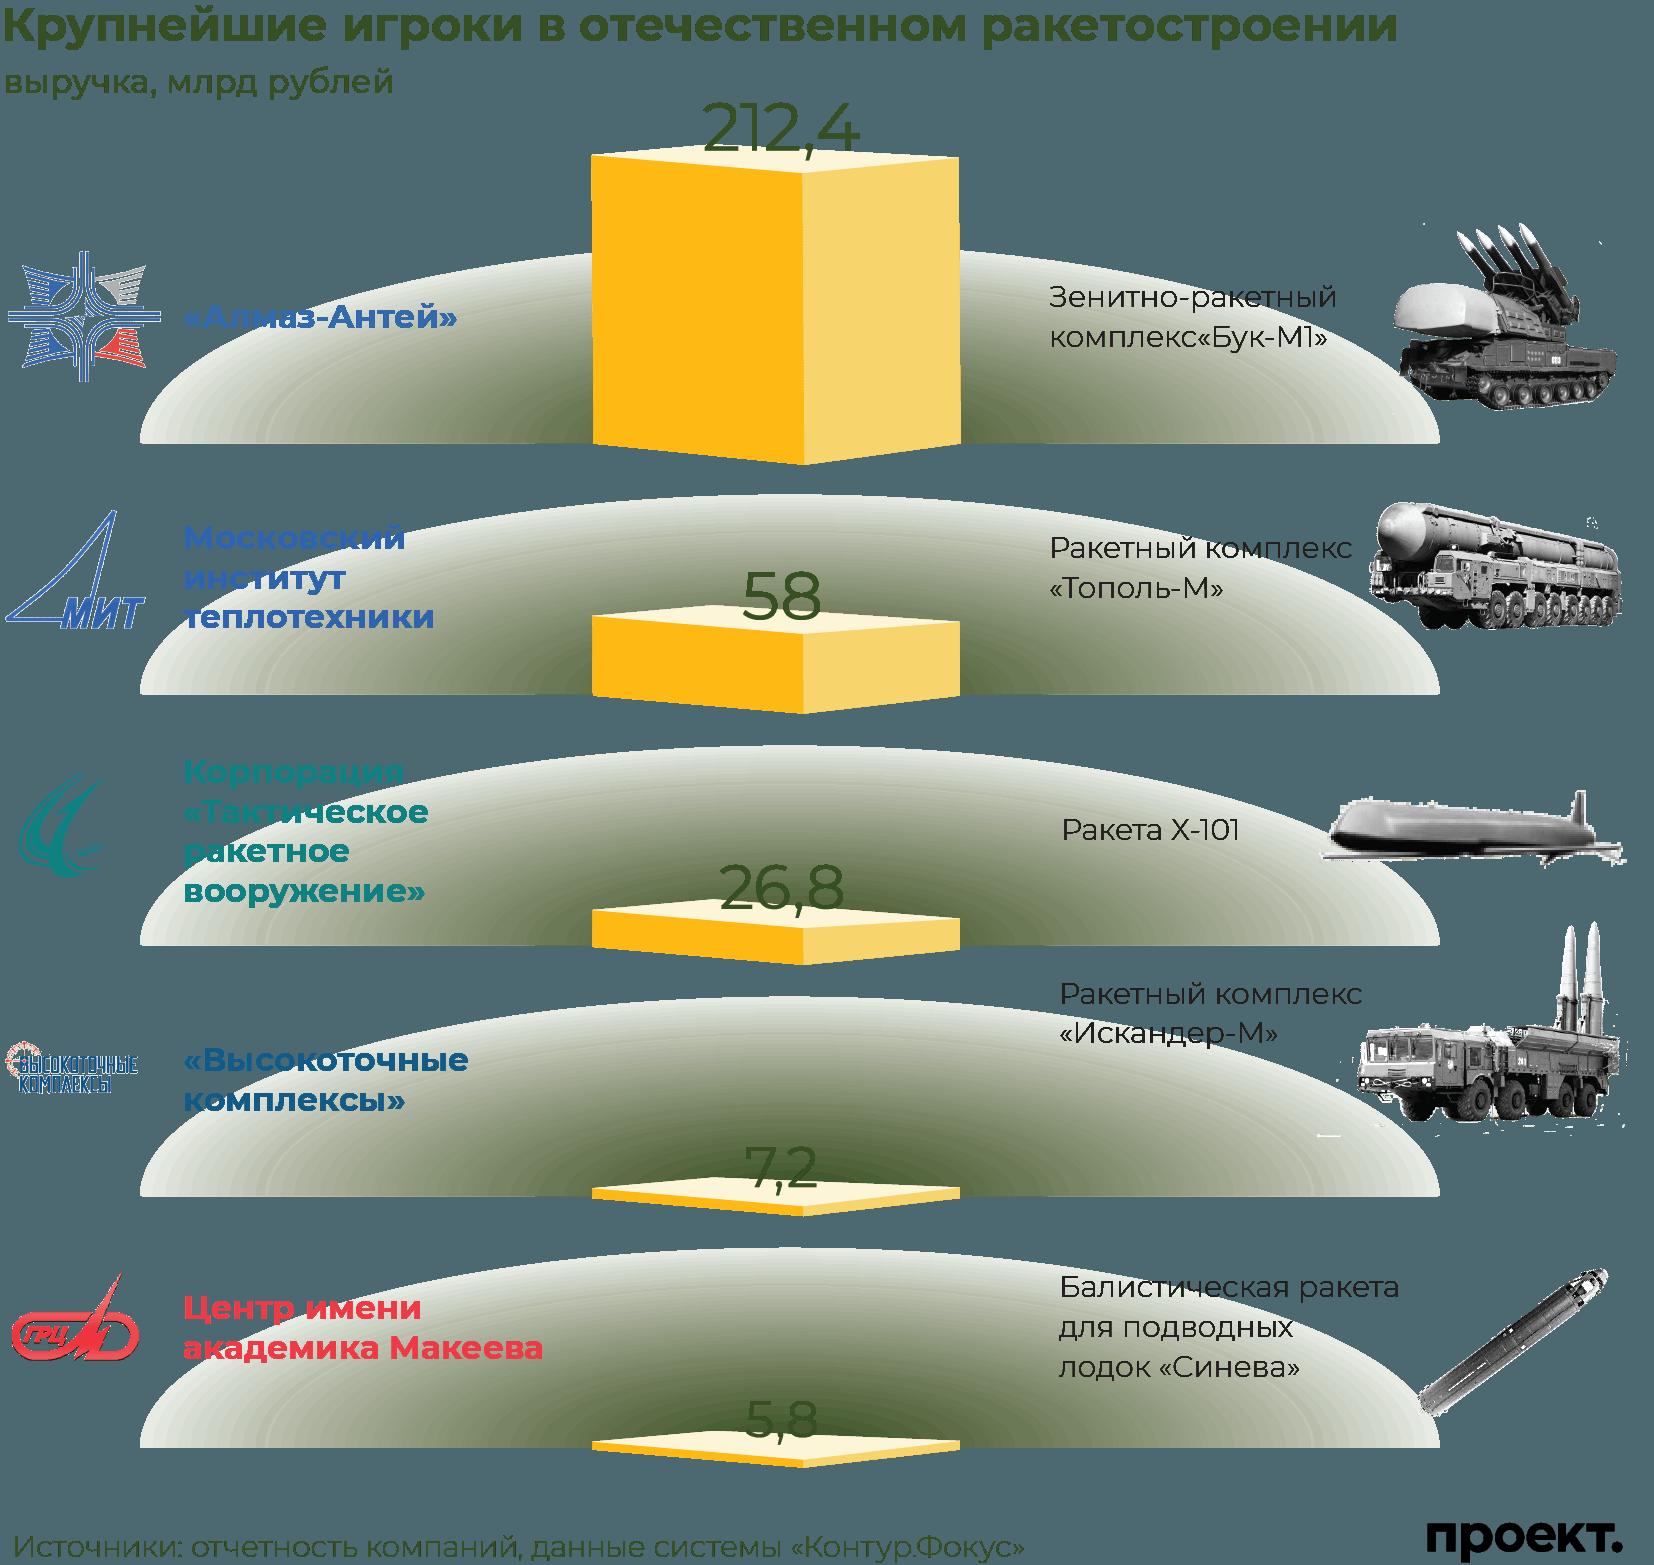 93883540b442 Ракетная отрасль — это ещё и передовые разработки, которыми так любит  хвастаться российский президент  от ракетного комплекса «Сармат» с тяжёлой  ...